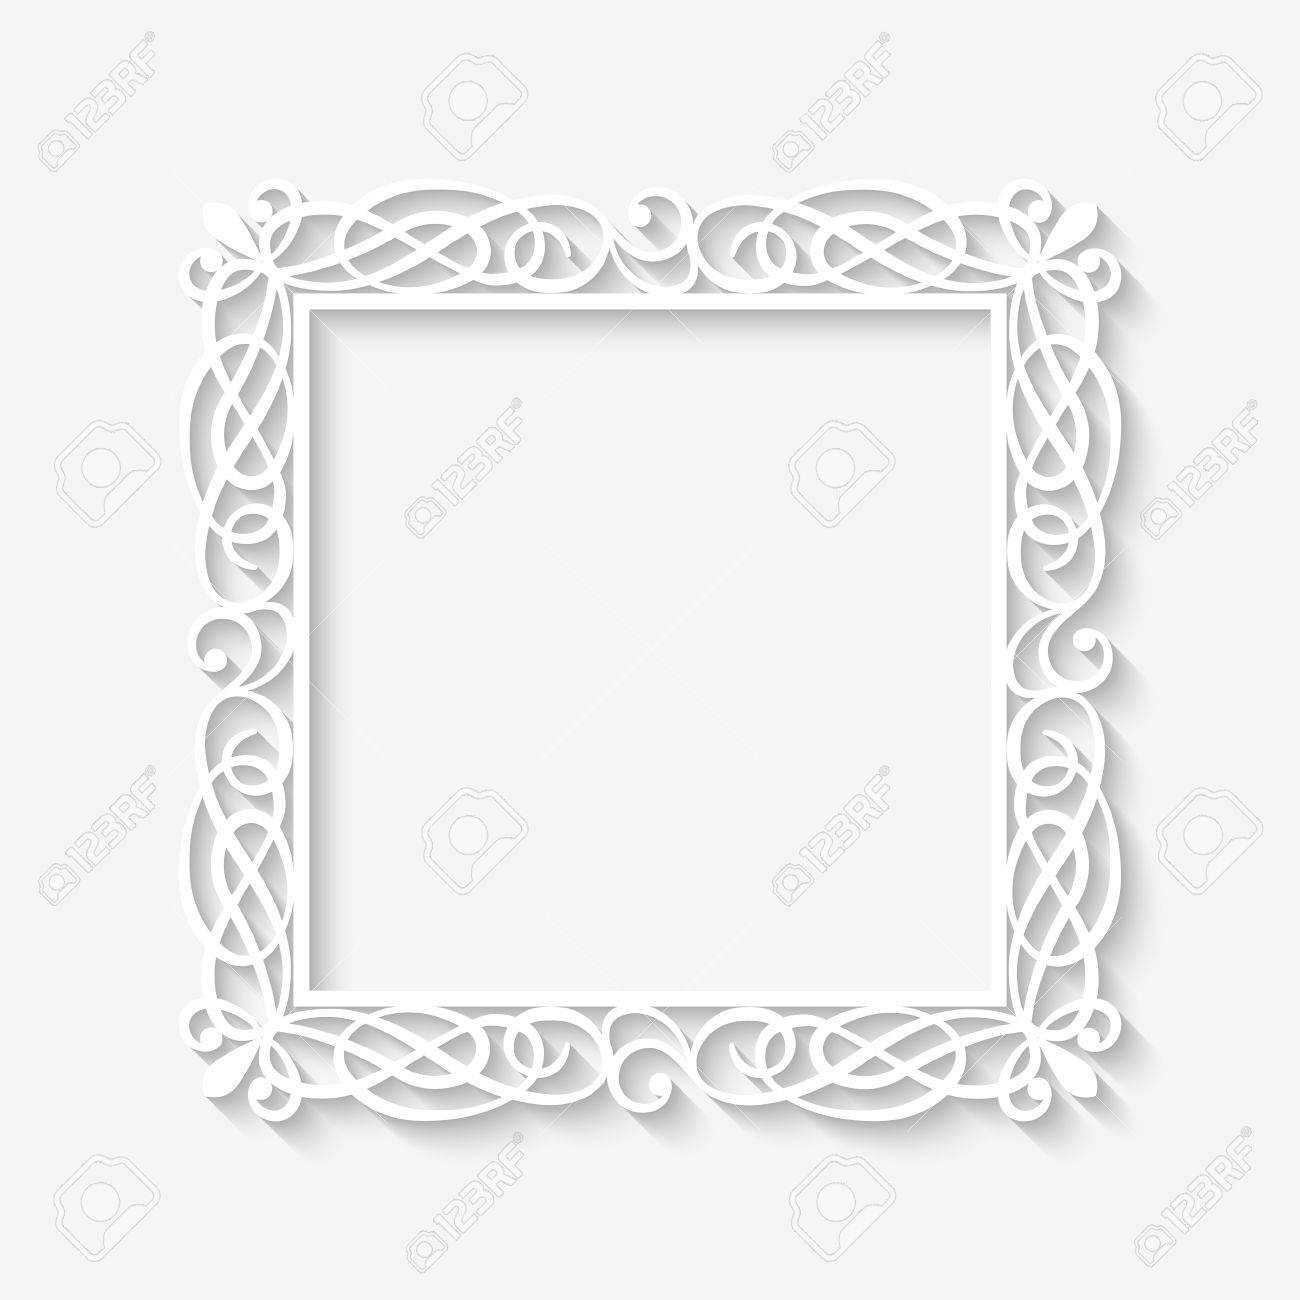 Vektor Weiss Frame Hintergrund Mit Langen Schatten Blank Quadrat